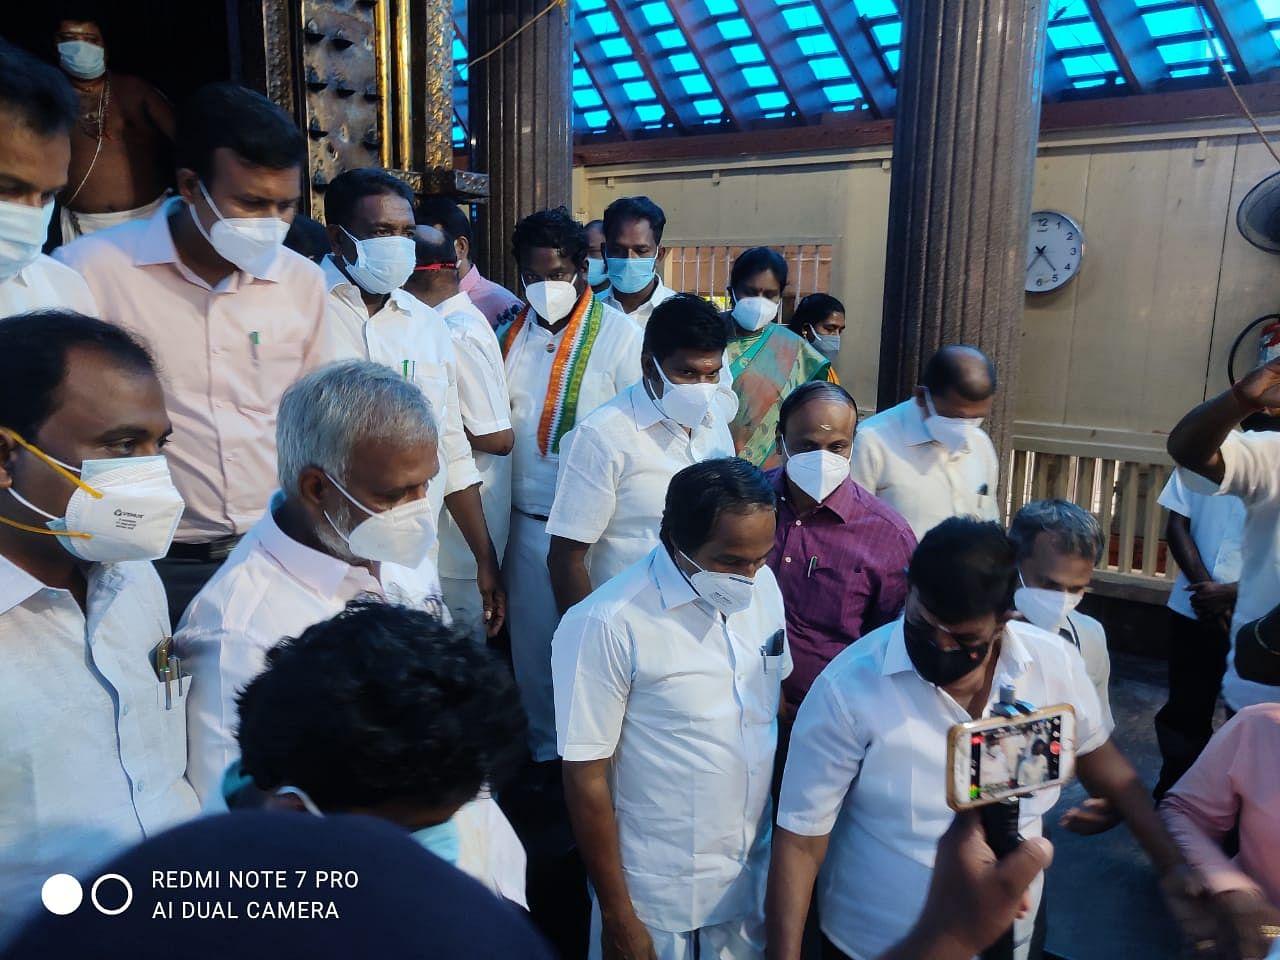 இந்து சமய அறநிலையத்துறை அமைச்சர் சேகர்பாபு  கோயிலில் ஆய்வு